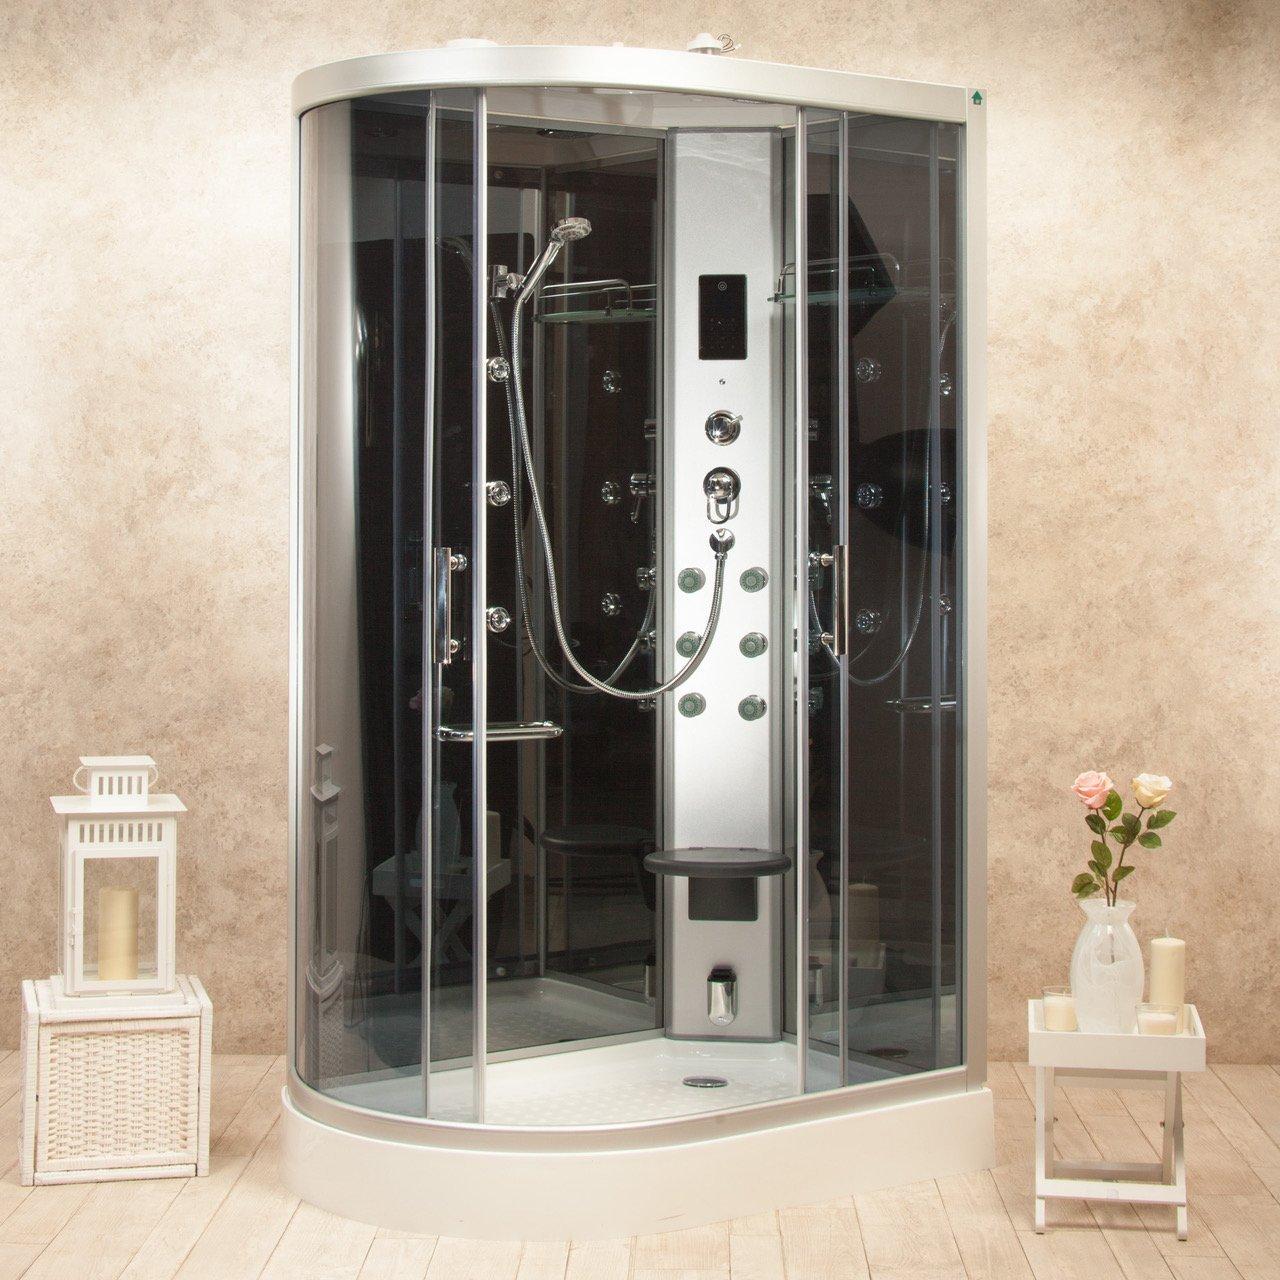 Box doccia idromassaggio atene 120x80 destra sauna bagno turco e ozono cod 00000066 for Box doccia sauna bagno turco